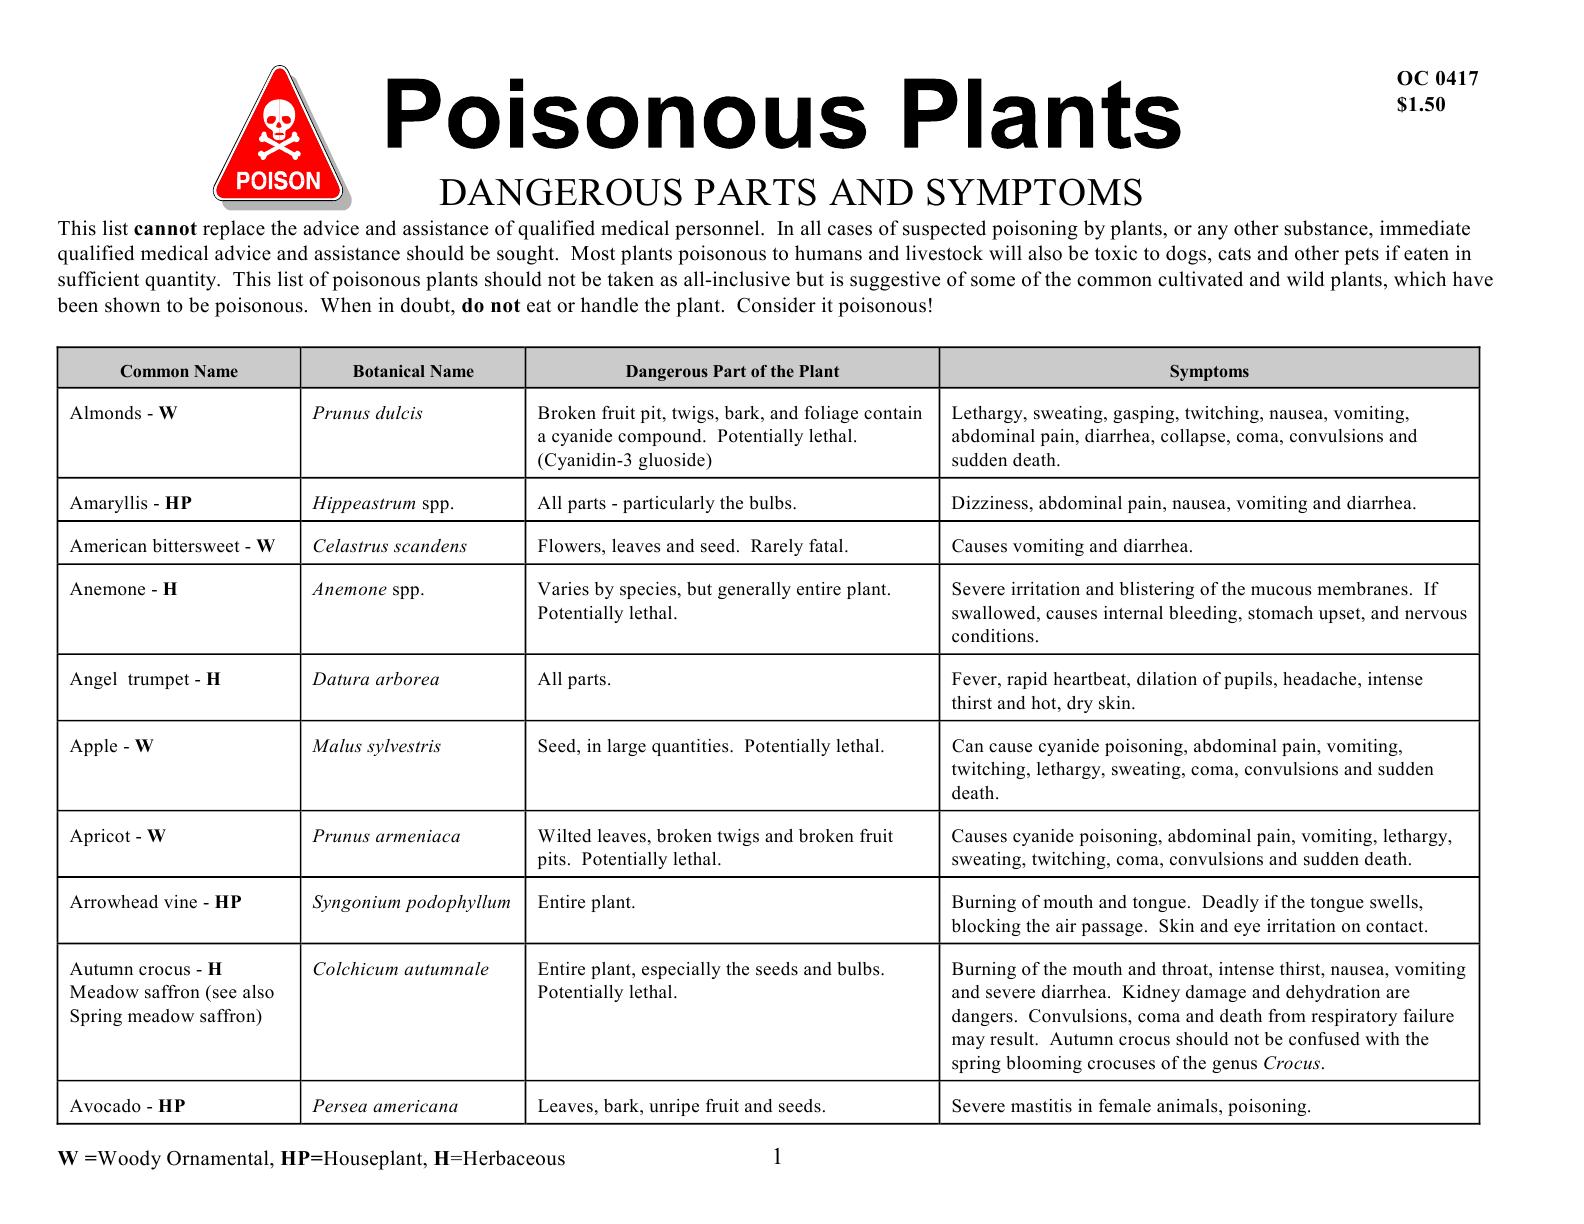 oc0417_revisedpoisonousplants1